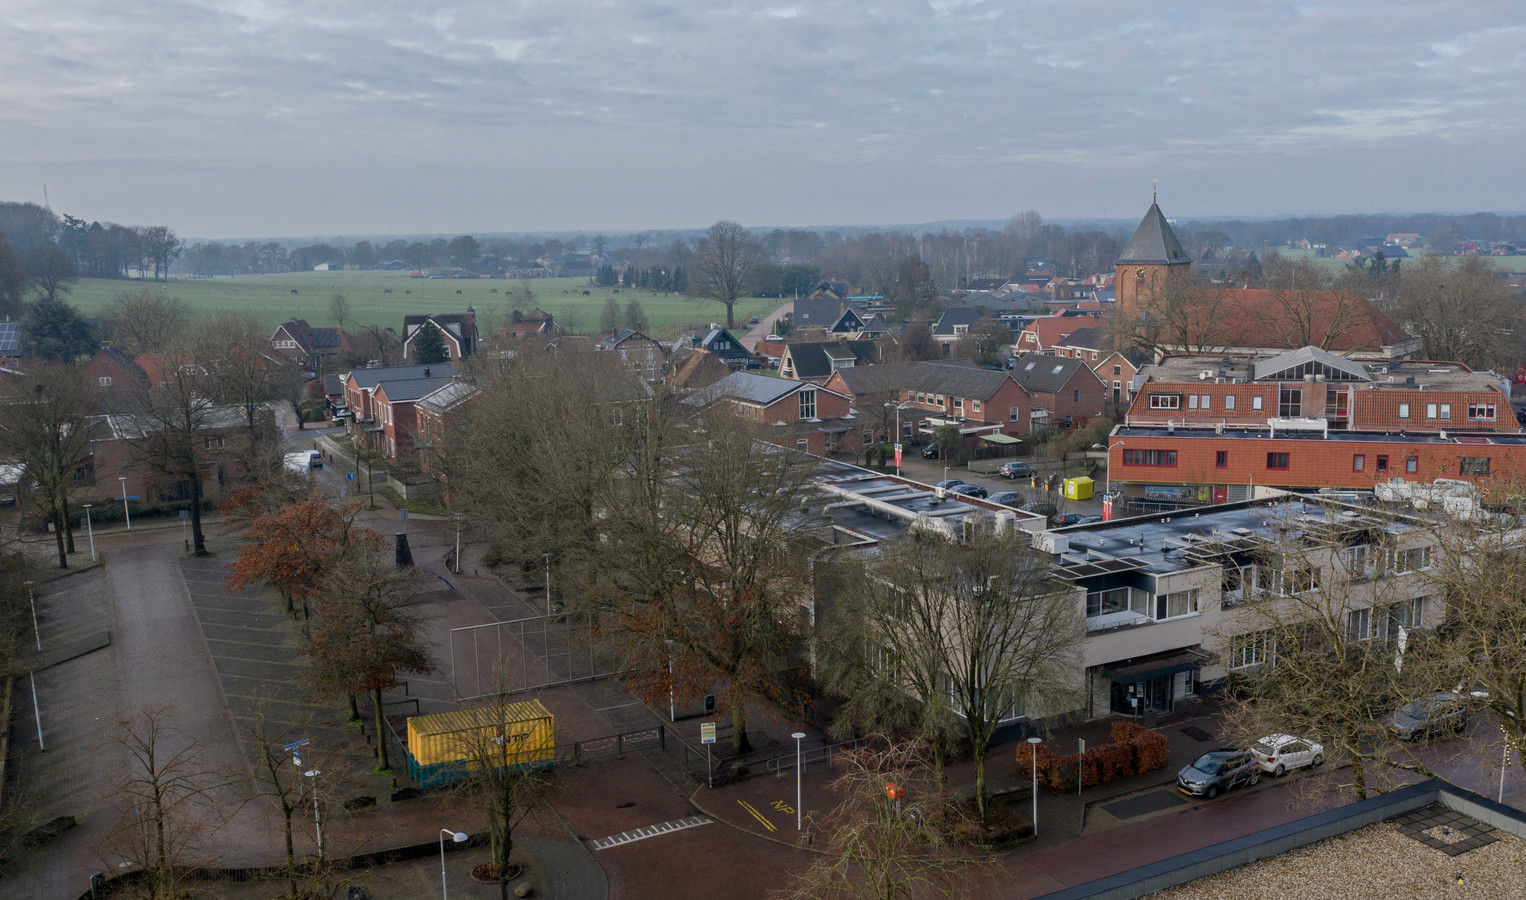 Het Beaufortplein in Markelo met rechts het voormalige Countuspand dat wordt gesloopt en plaats maakt voor 26 appartementen waarvan er vijf voor starters op de woningmarkt zijn bedoeld.